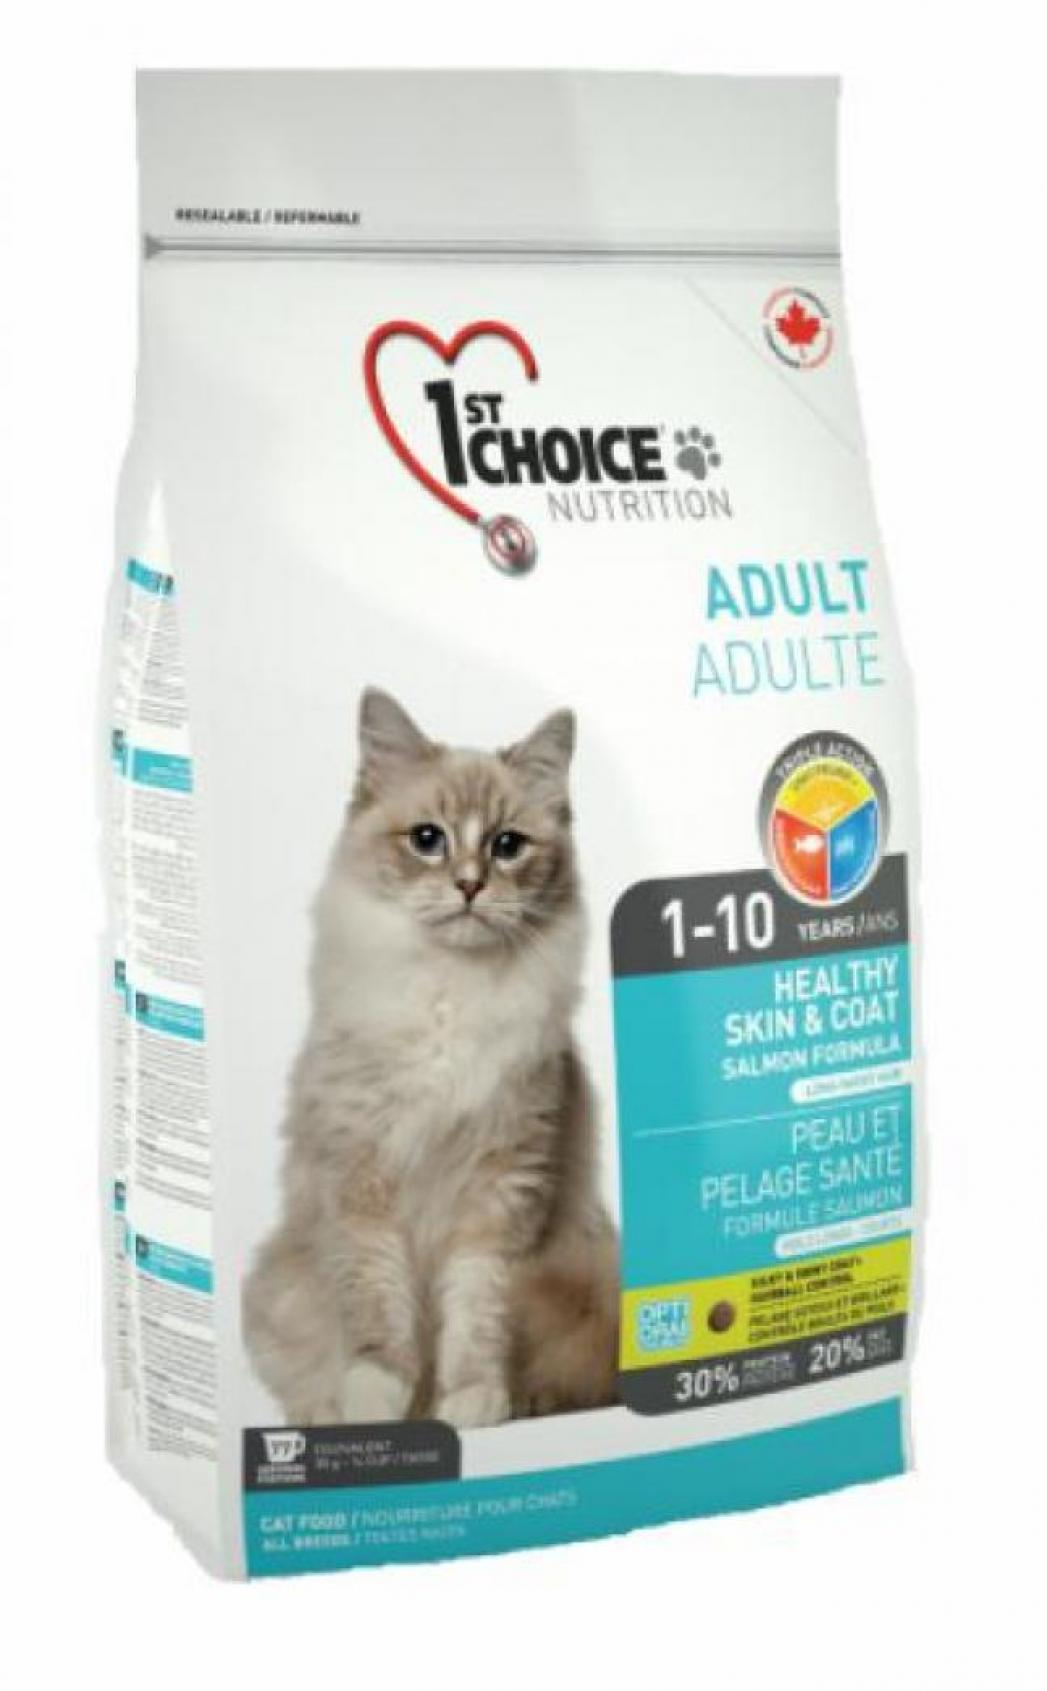 1st Choice корм для взрослых кошек всех пород, для кожи и шерсти, лосось 10 кг